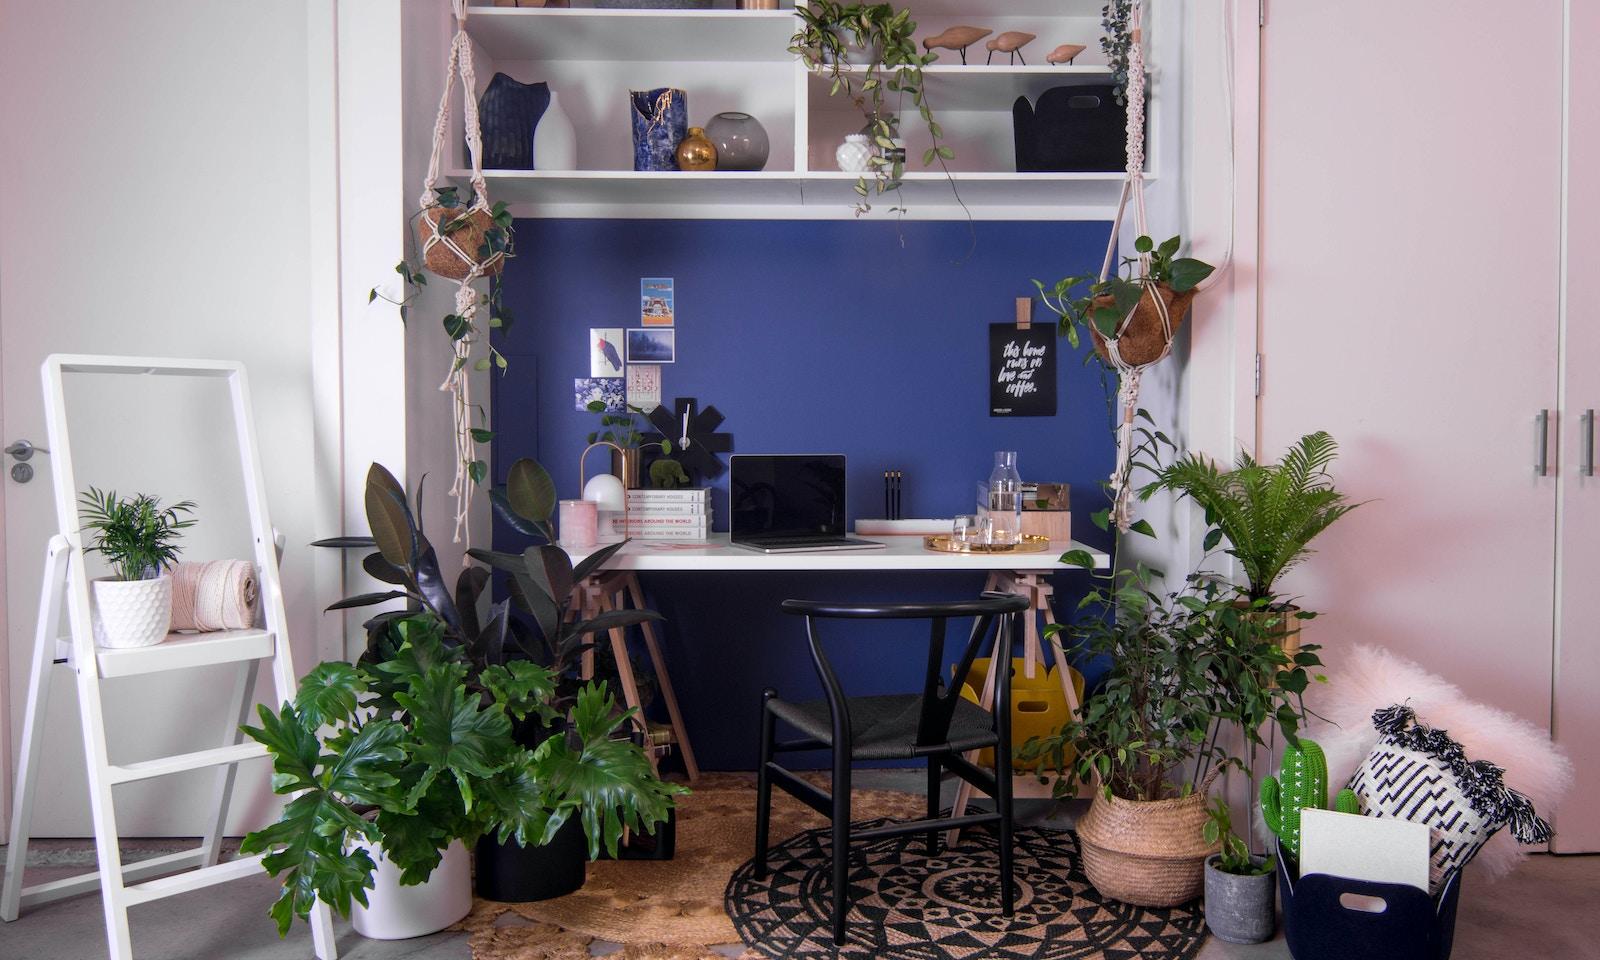 Garage Refresh: Storage Space to Inspiring Study Nook